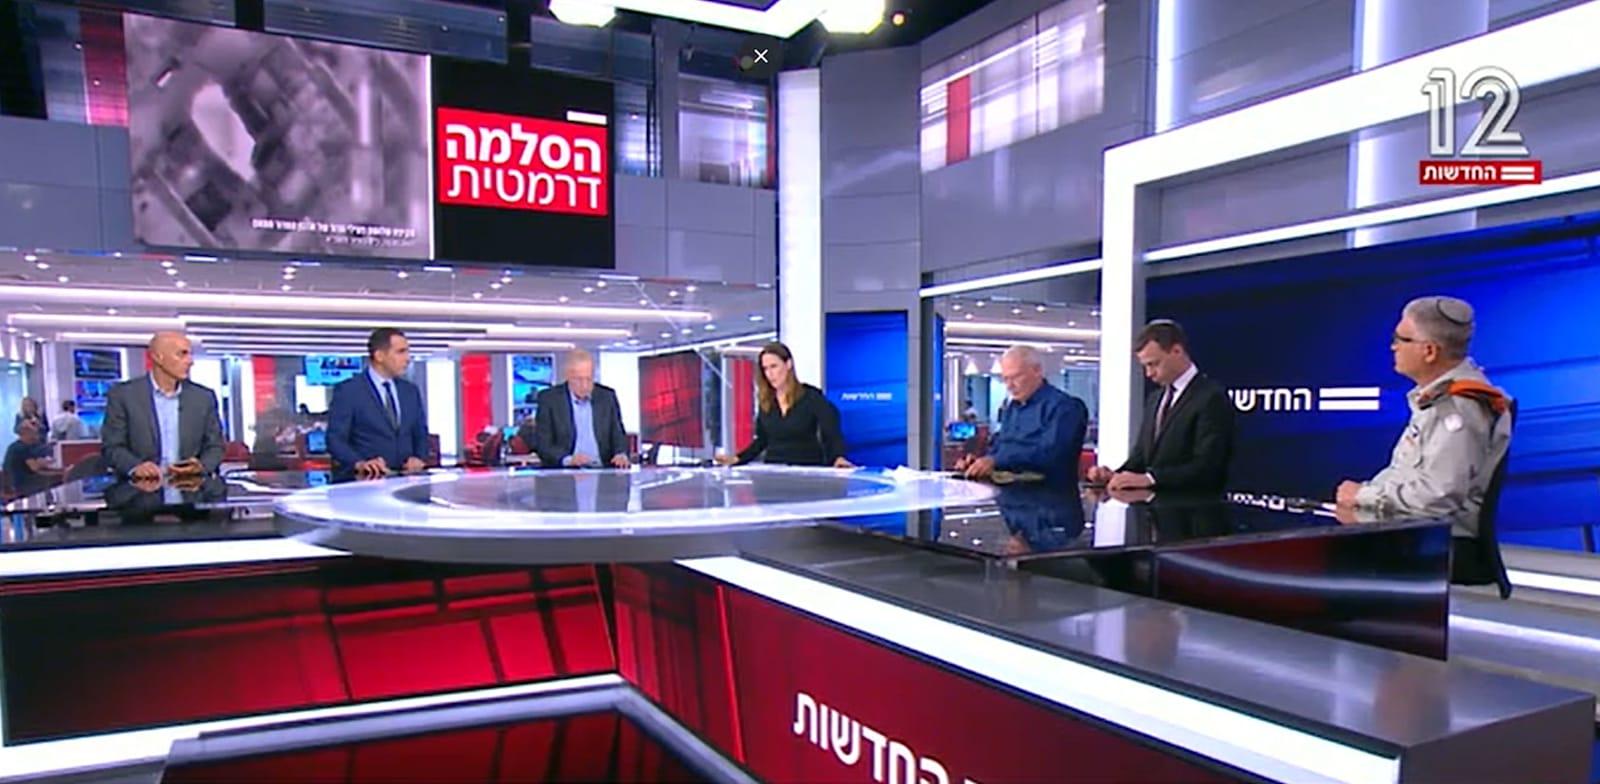 המהדורה המרכזית של חדשות 12 / צילום: חדשות 12